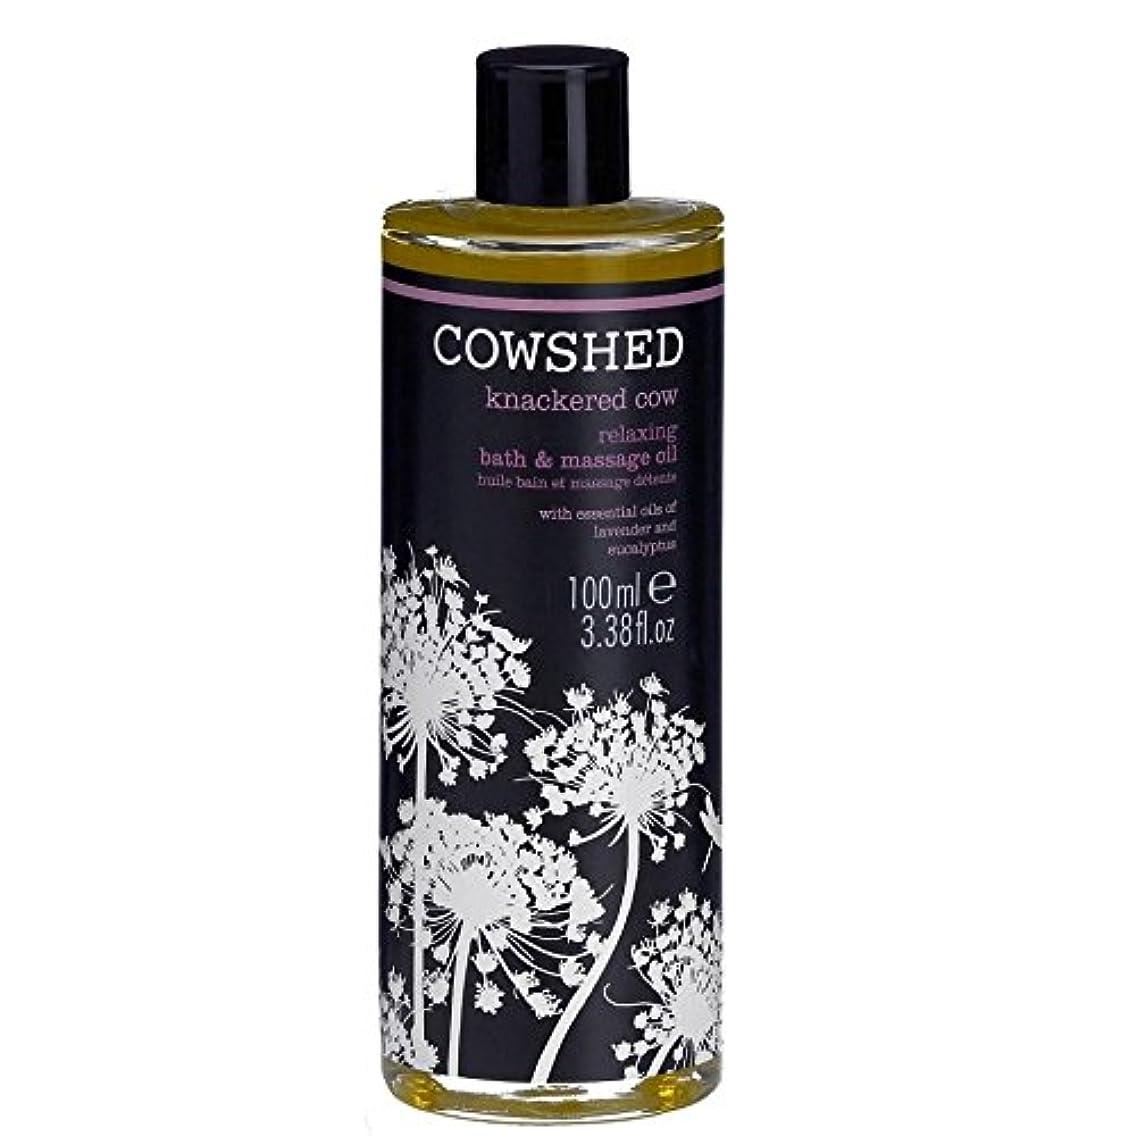 想像力団結する合成Cowshed Knackered Cow Relaxing Bath and Body Oil 100ml - 牛舎にはバスタブとボディオイル100ミリリットルを緩和牛を [並行輸入品]